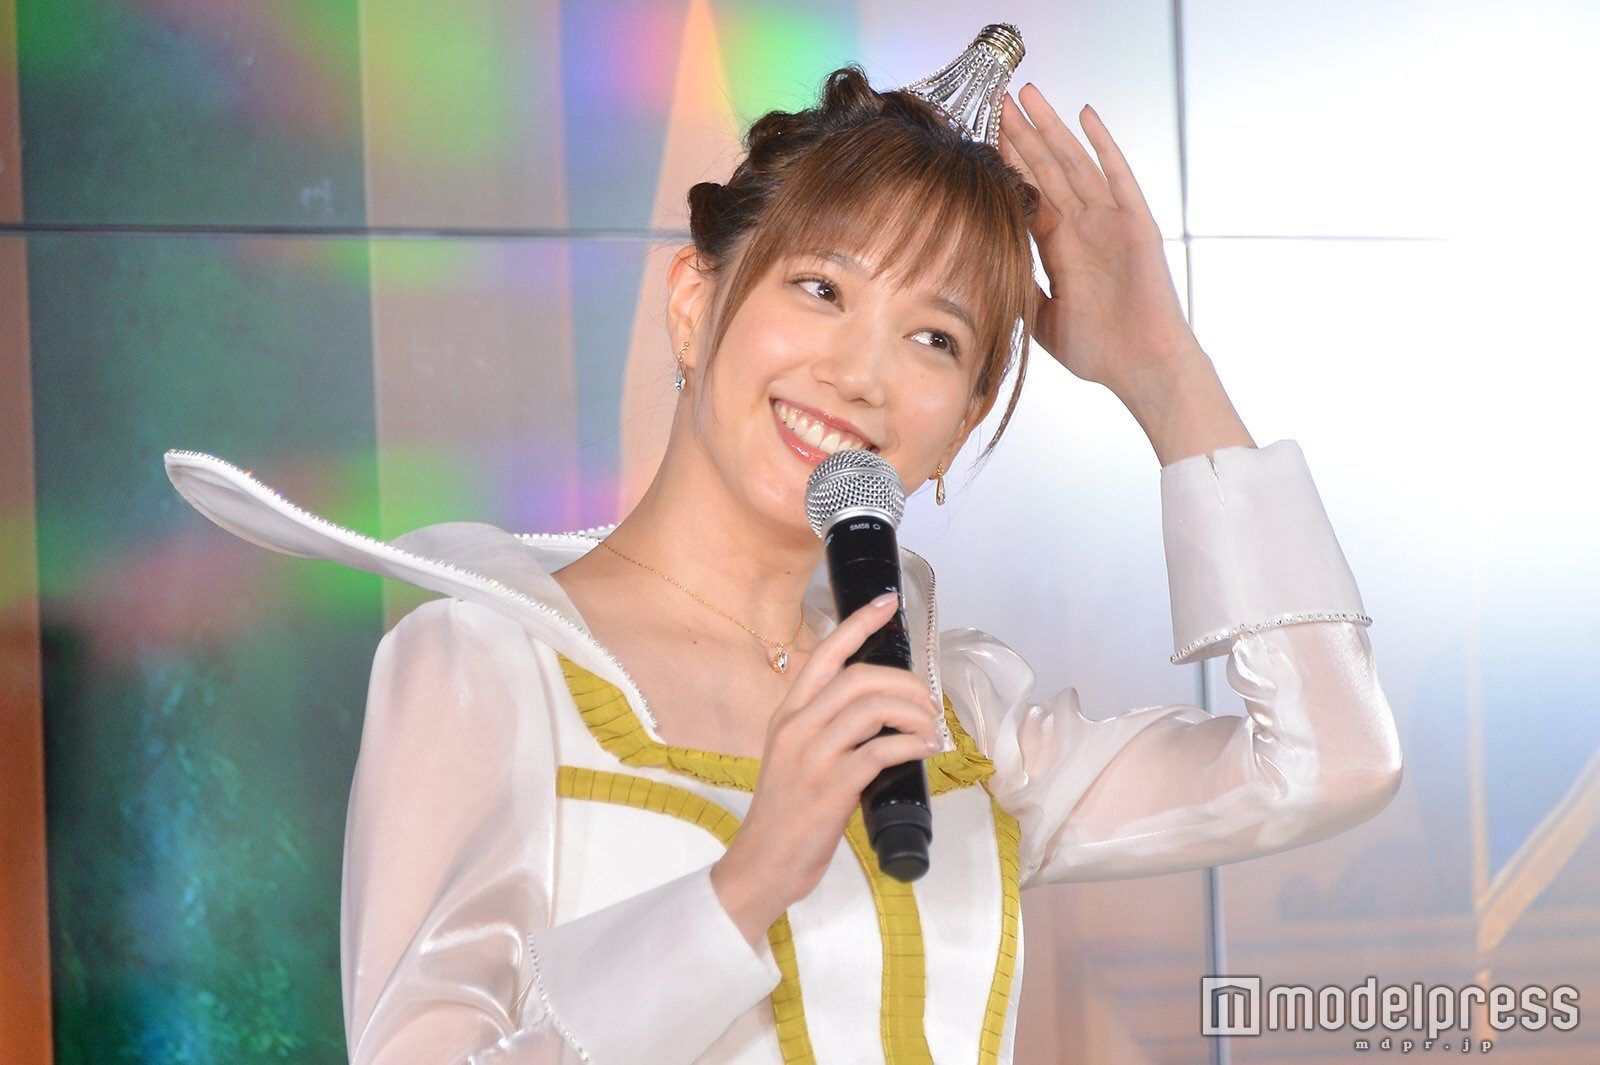 【画像】本田翼、お姫様ドレスを着用し新CM発表会見に参加する